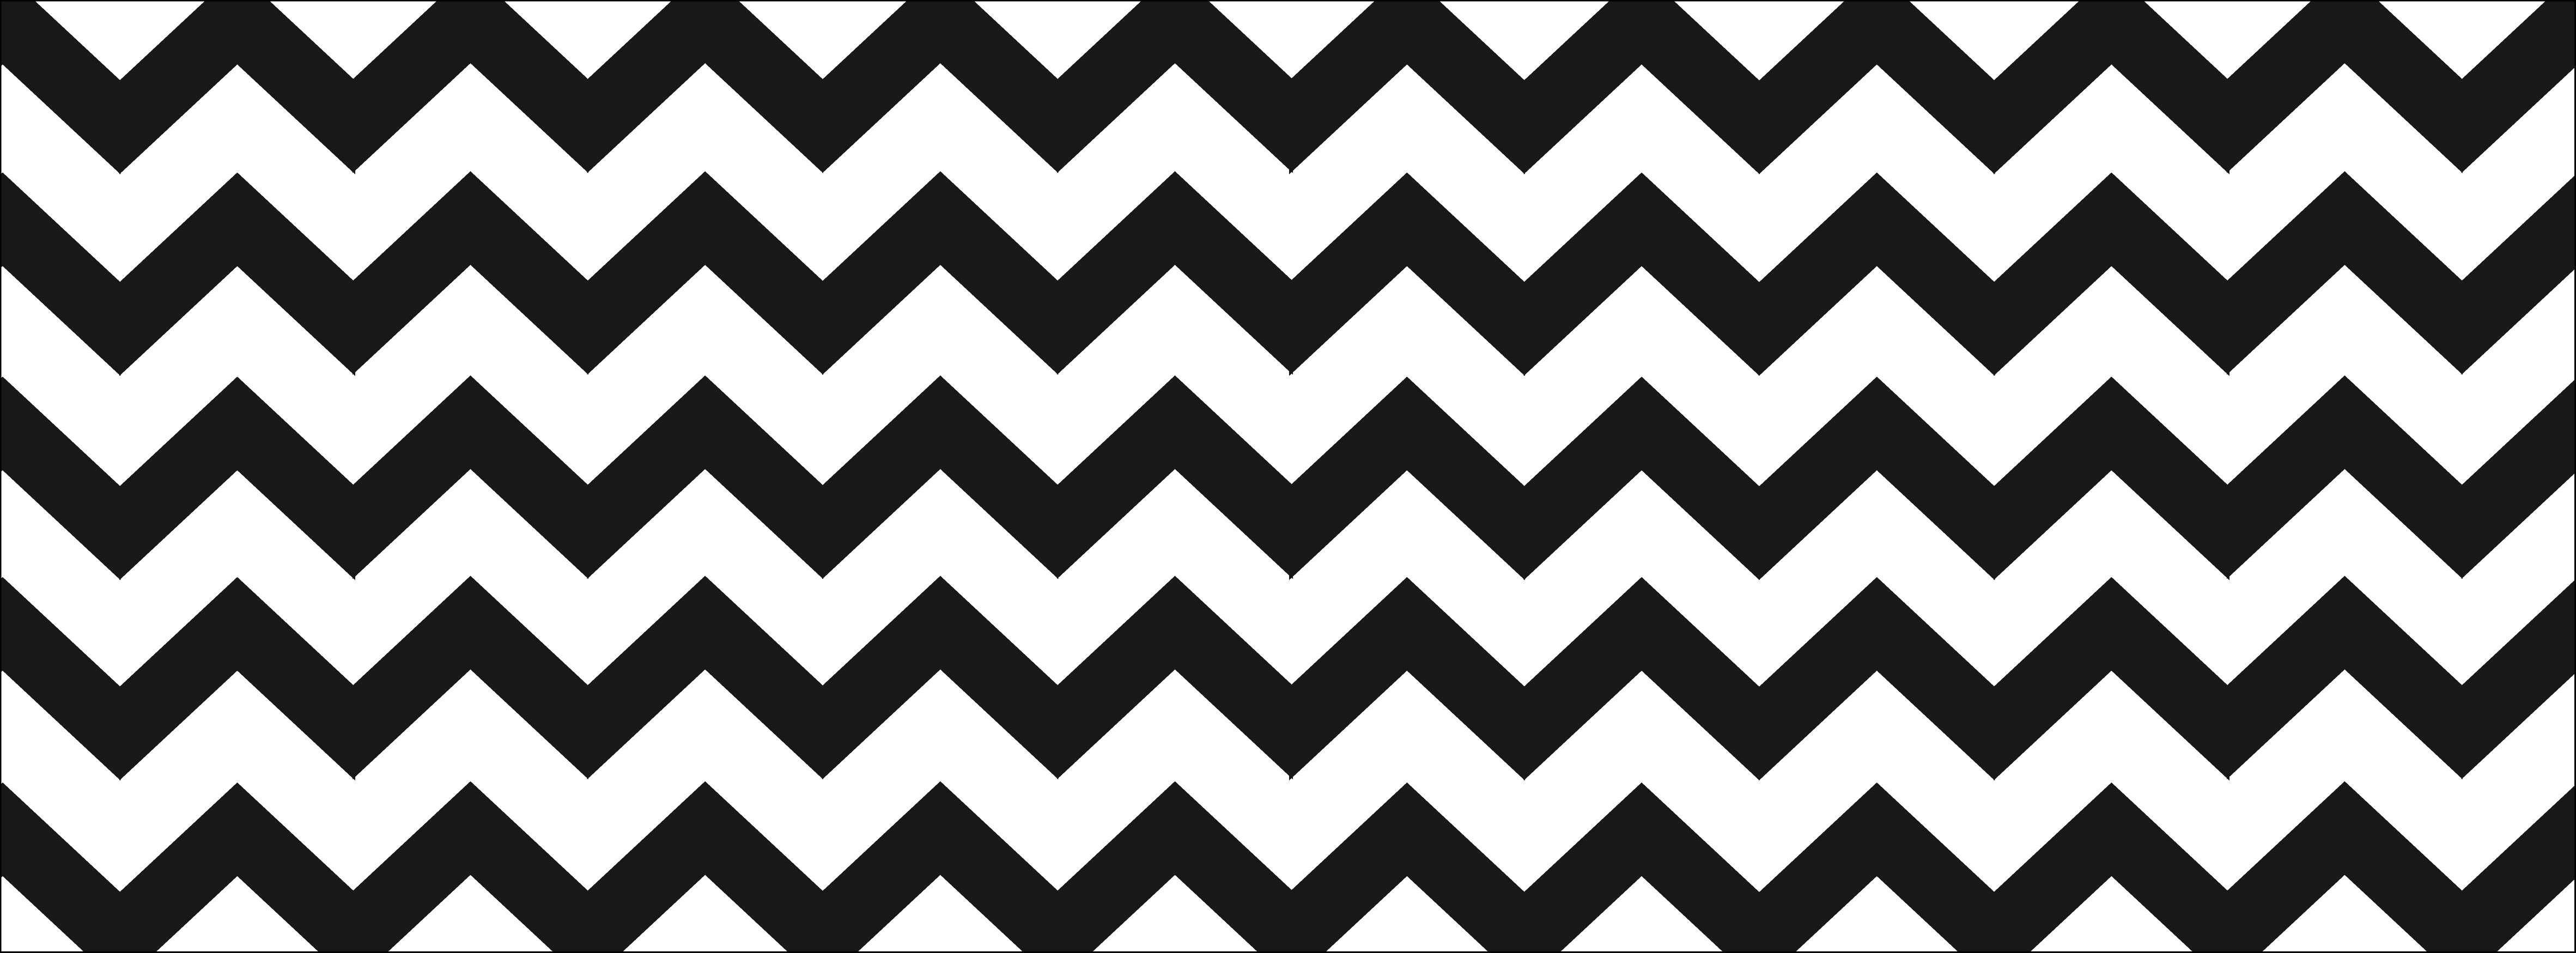 Chevron clipart black and white, Chevron black and white.